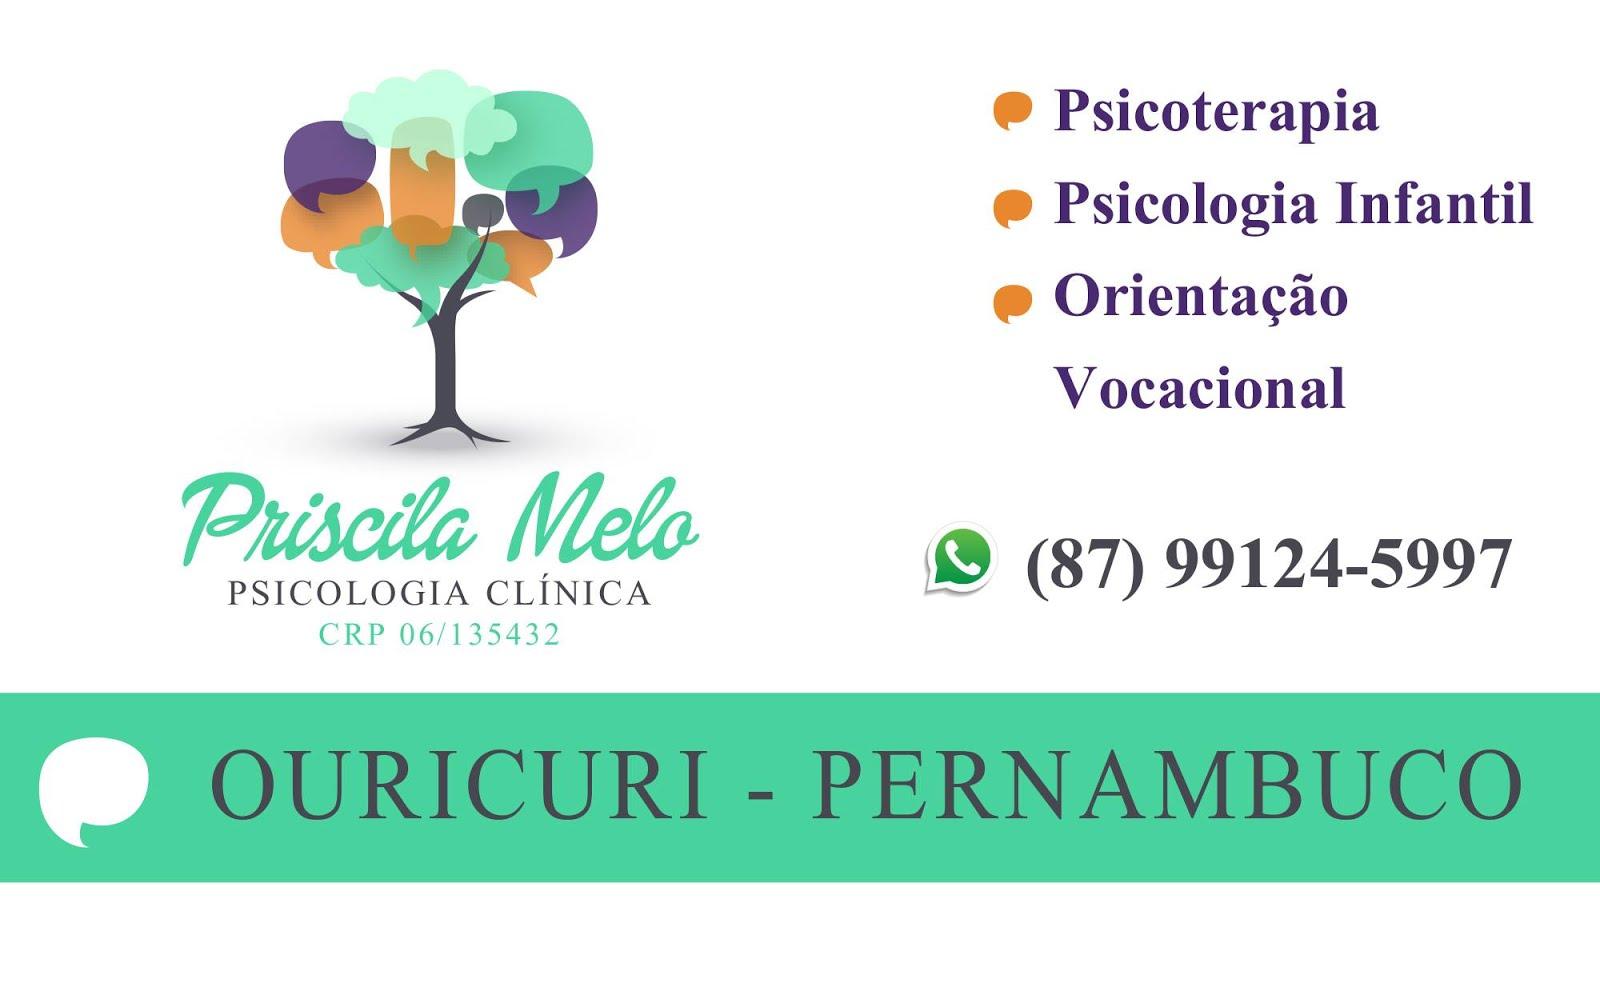 Priscila Melo: Psicologia Clínica: